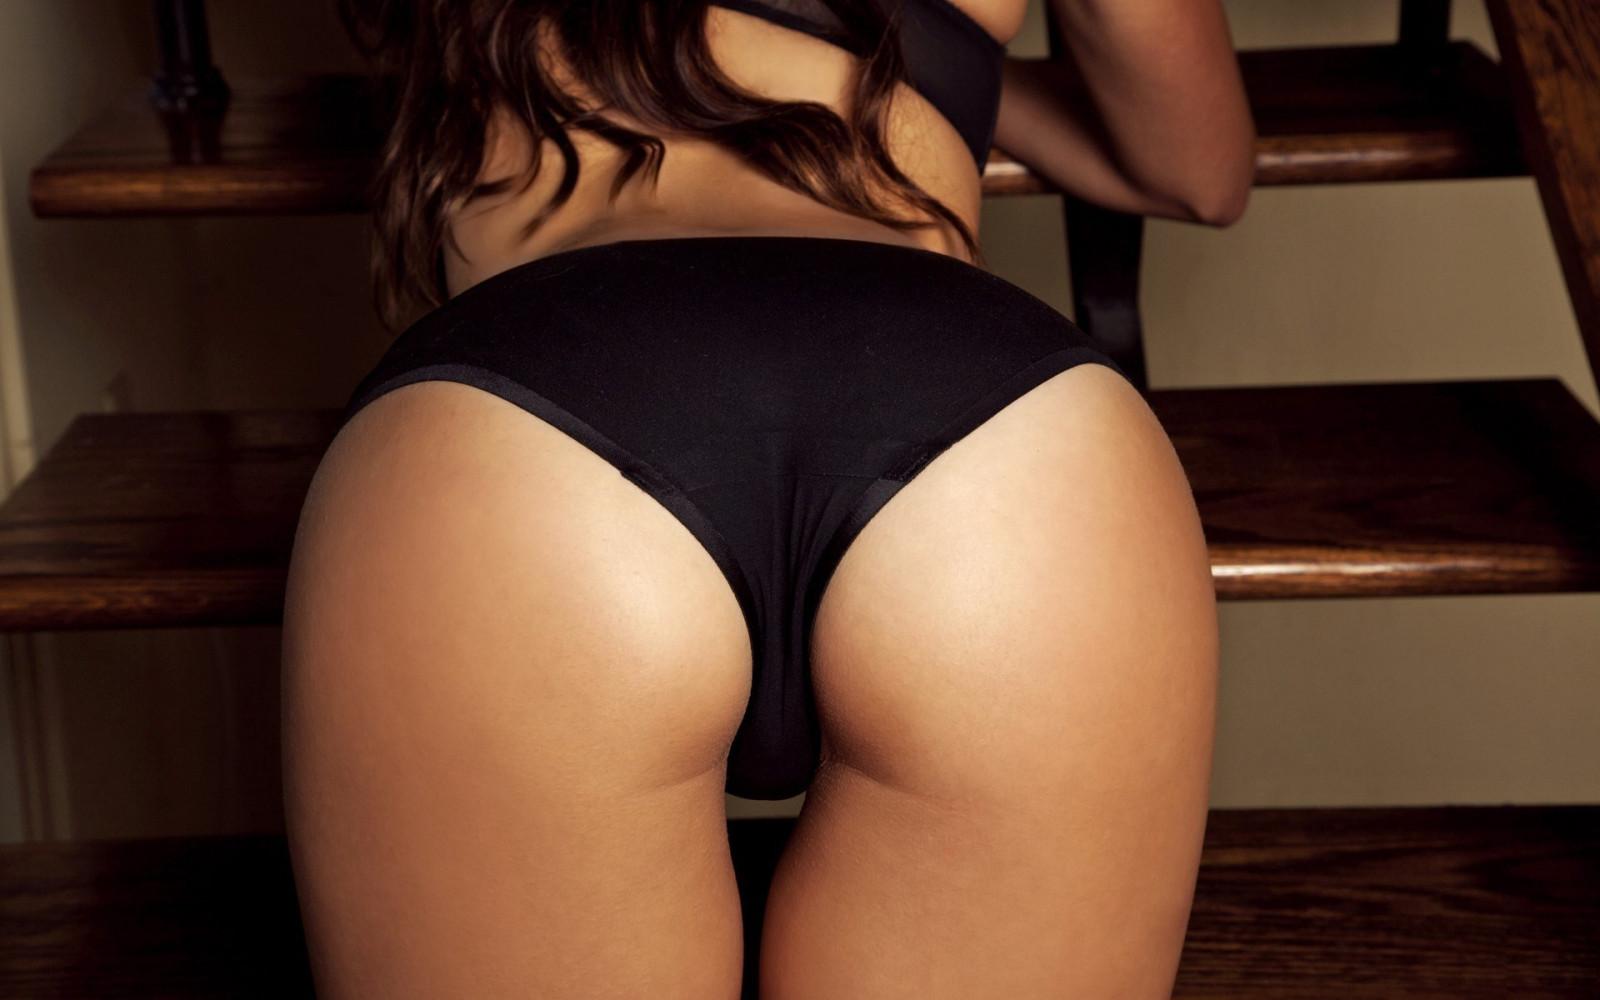 Hottest big tits pornstars a-z